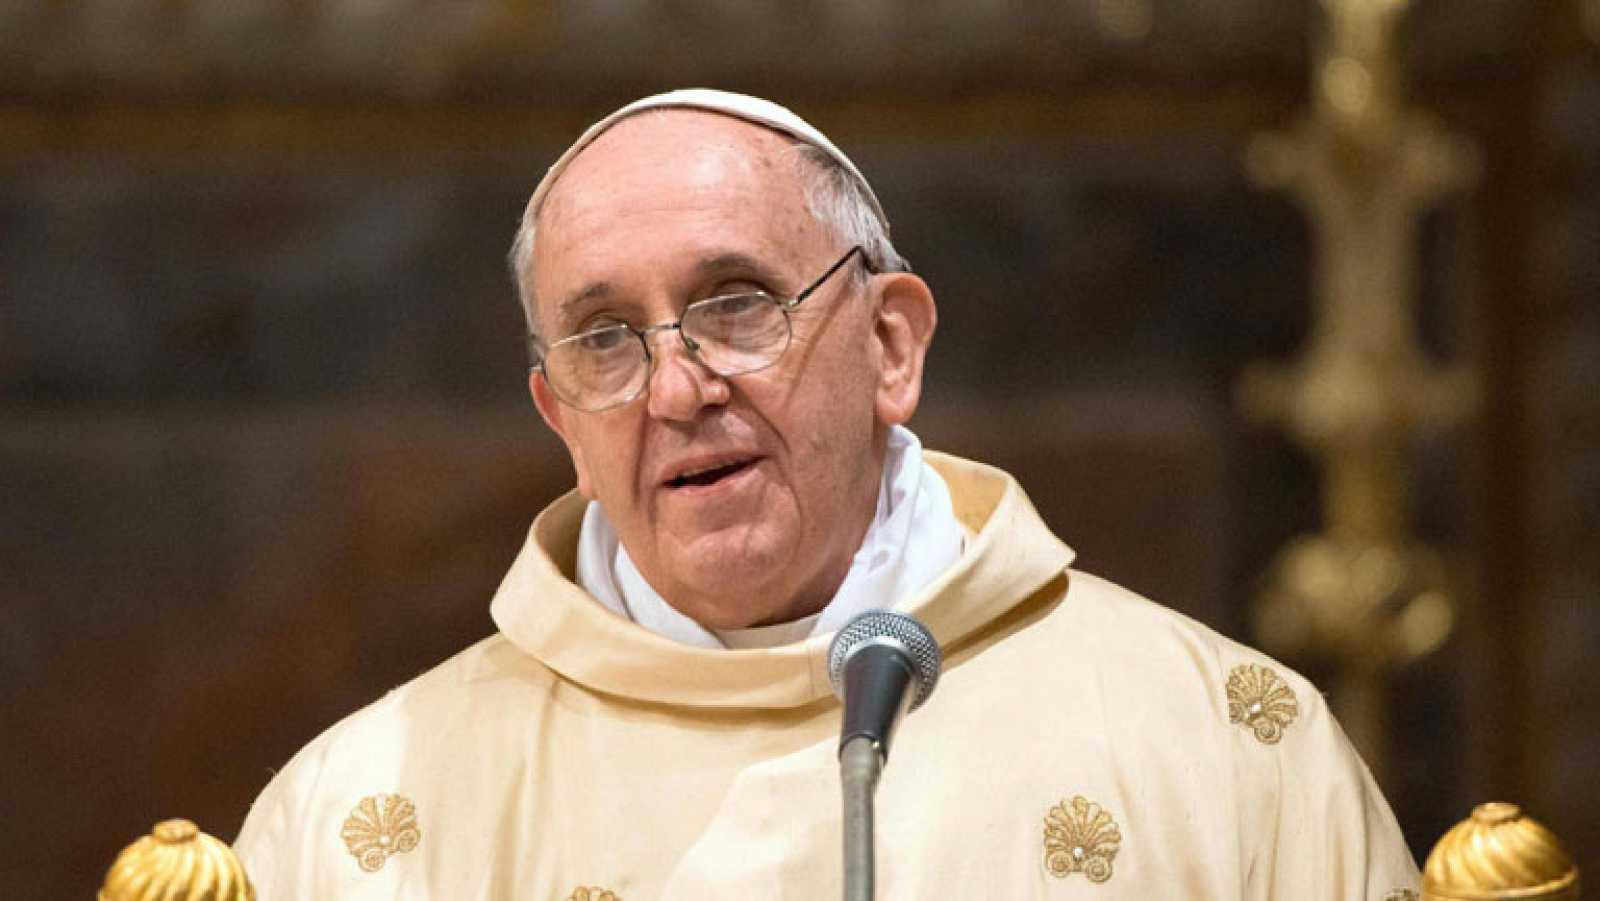 El papa pide a los cardenales que no caigan en el pesimismo